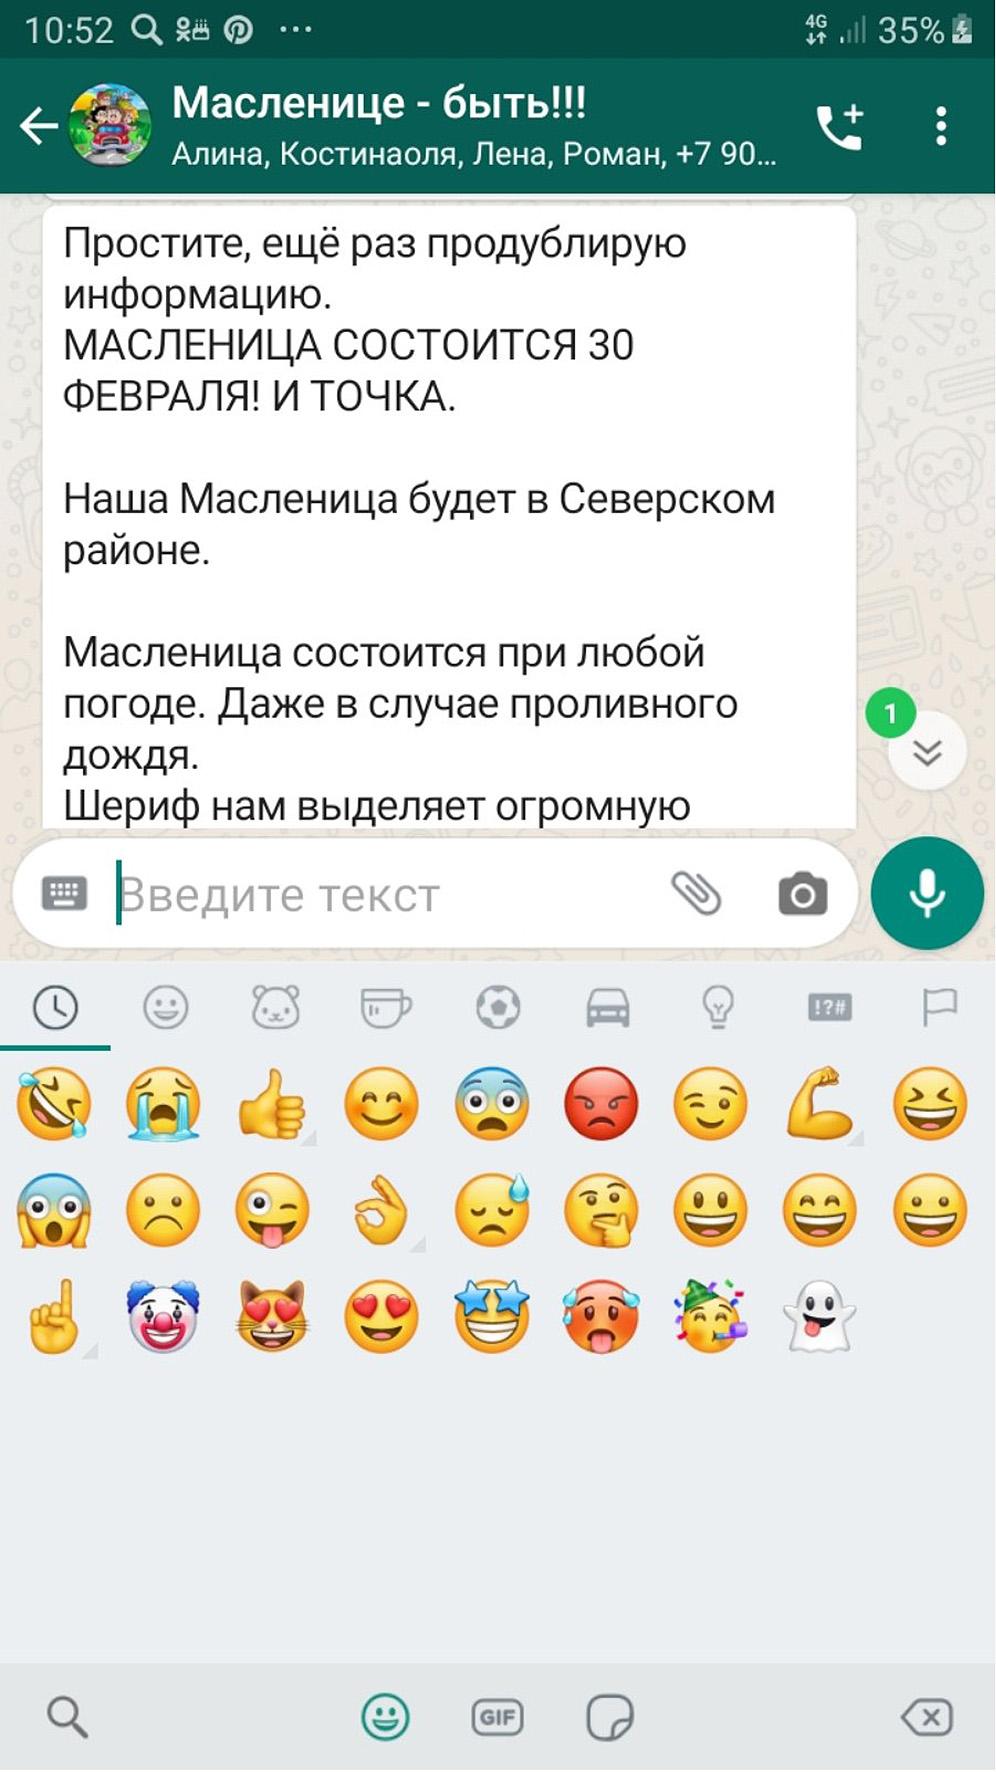 http://images.vfl.ru/ii/1581069927/2dac6ab0/29484163.jpg